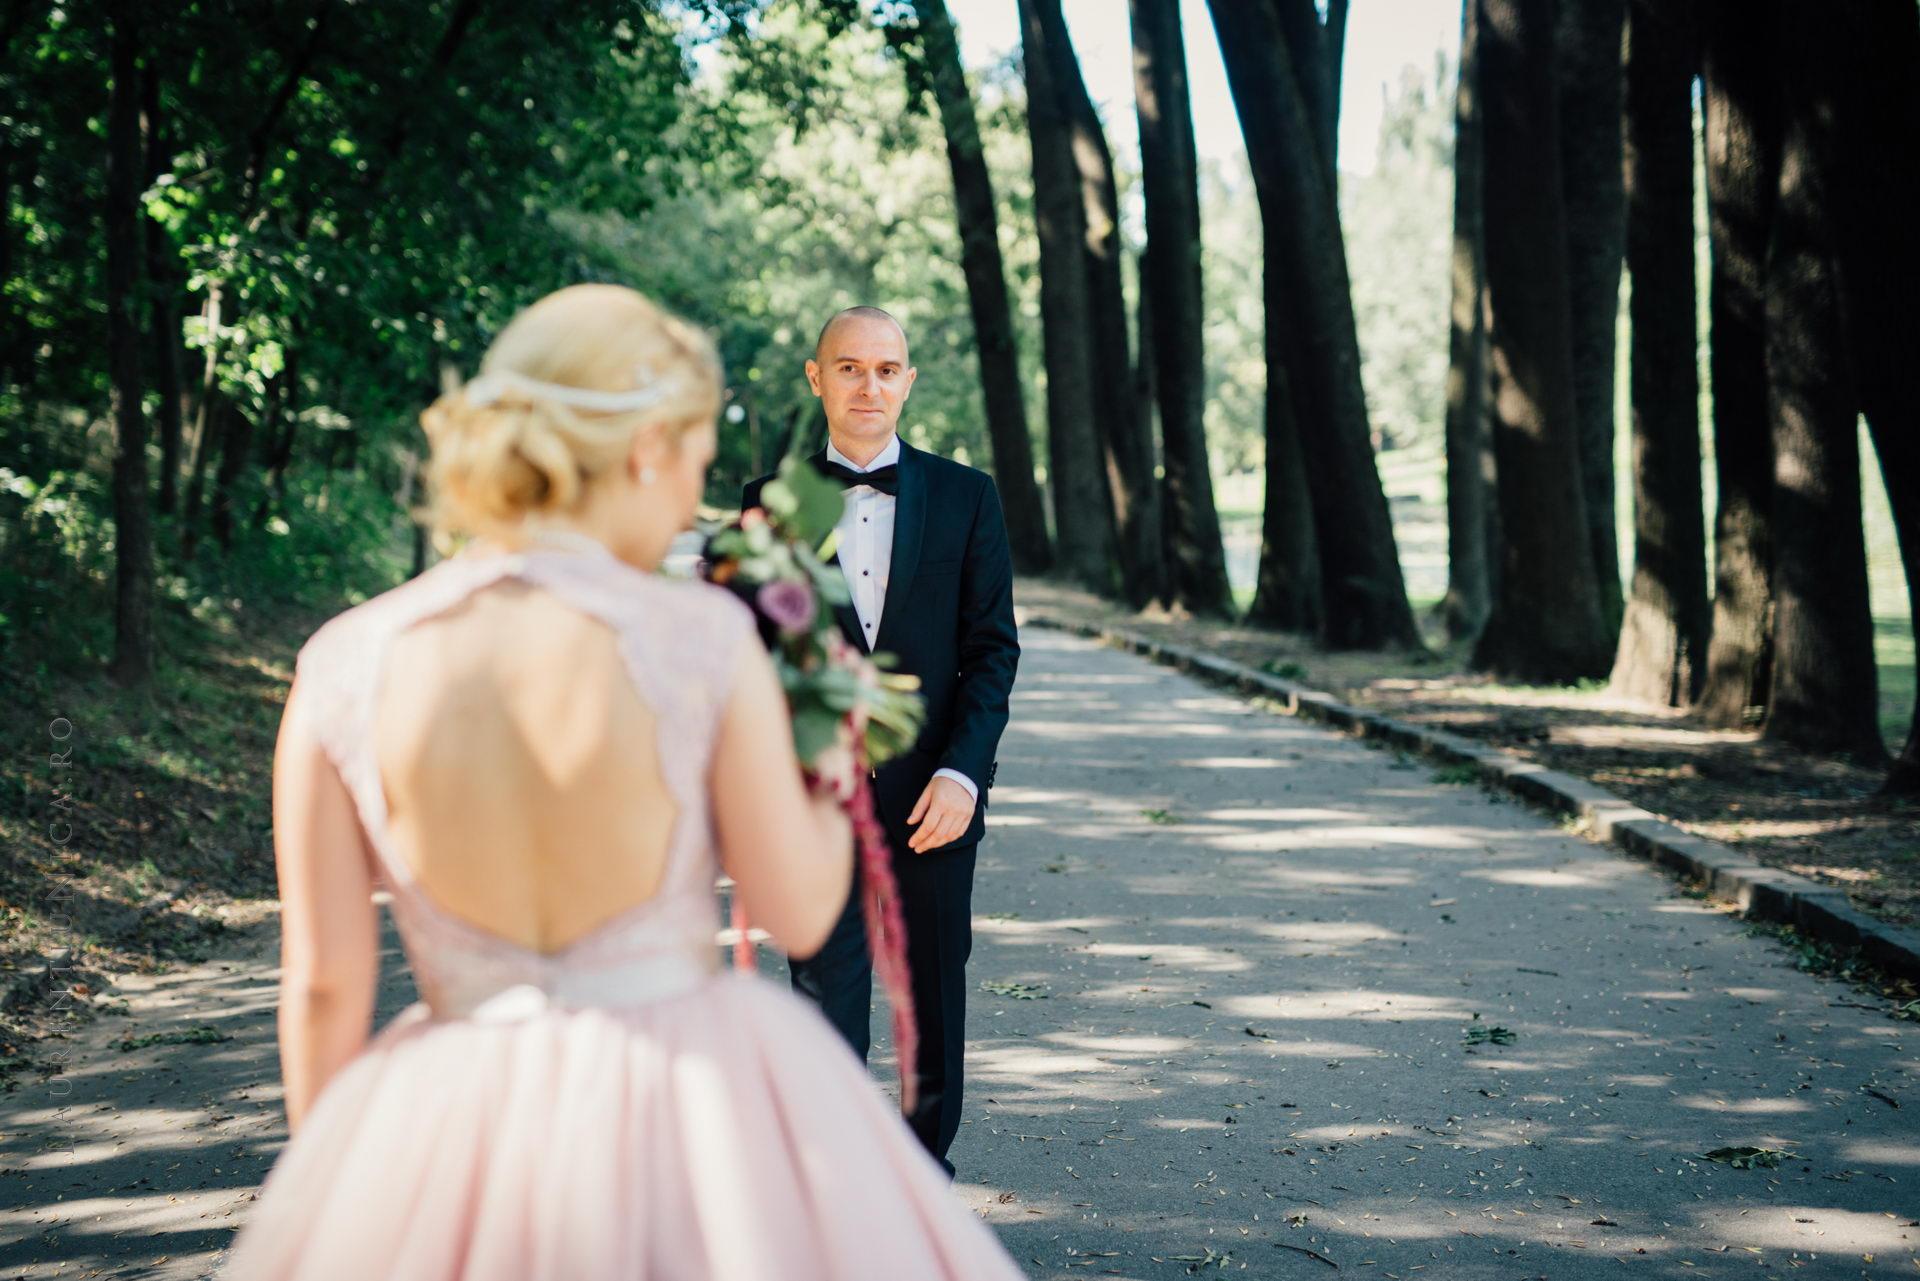 lavinia si adi fotograf laurentiu nica craiova 028 - Lavinia & Adi | Fotografii nunta